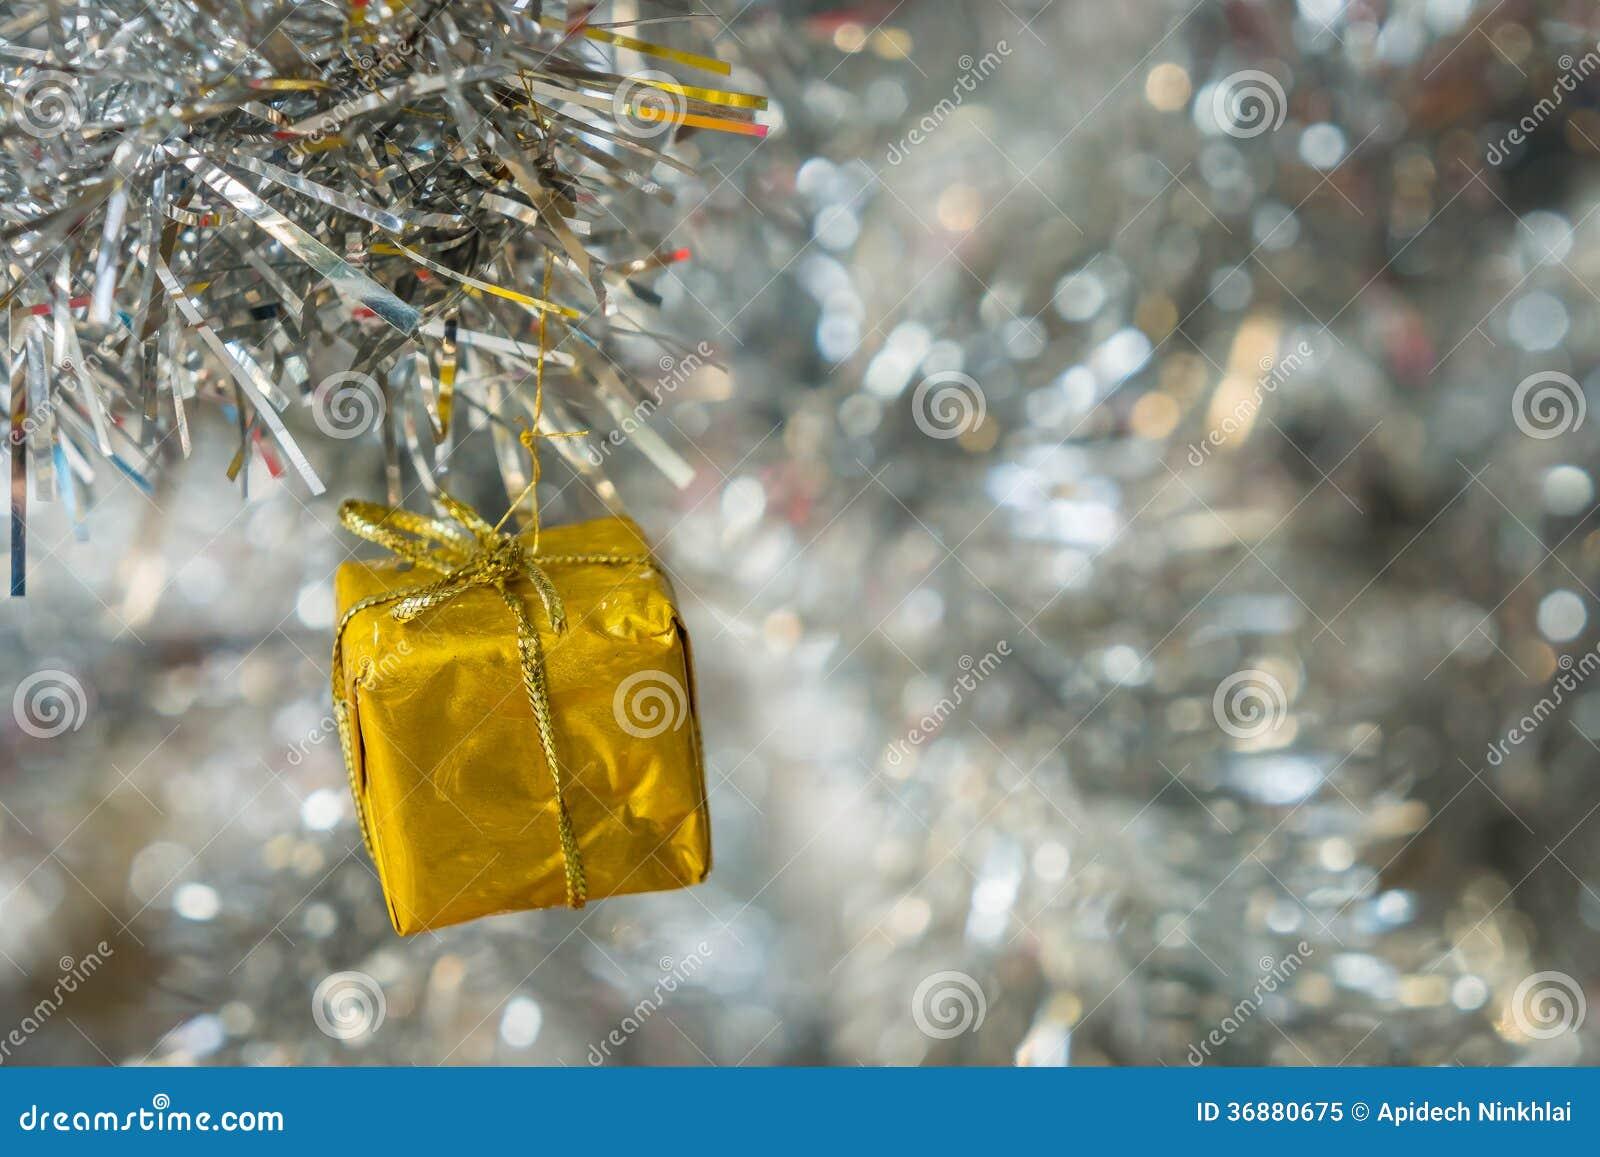 Download Stagione festiva di Natale immagine stock. Immagine di estratto - 36880675